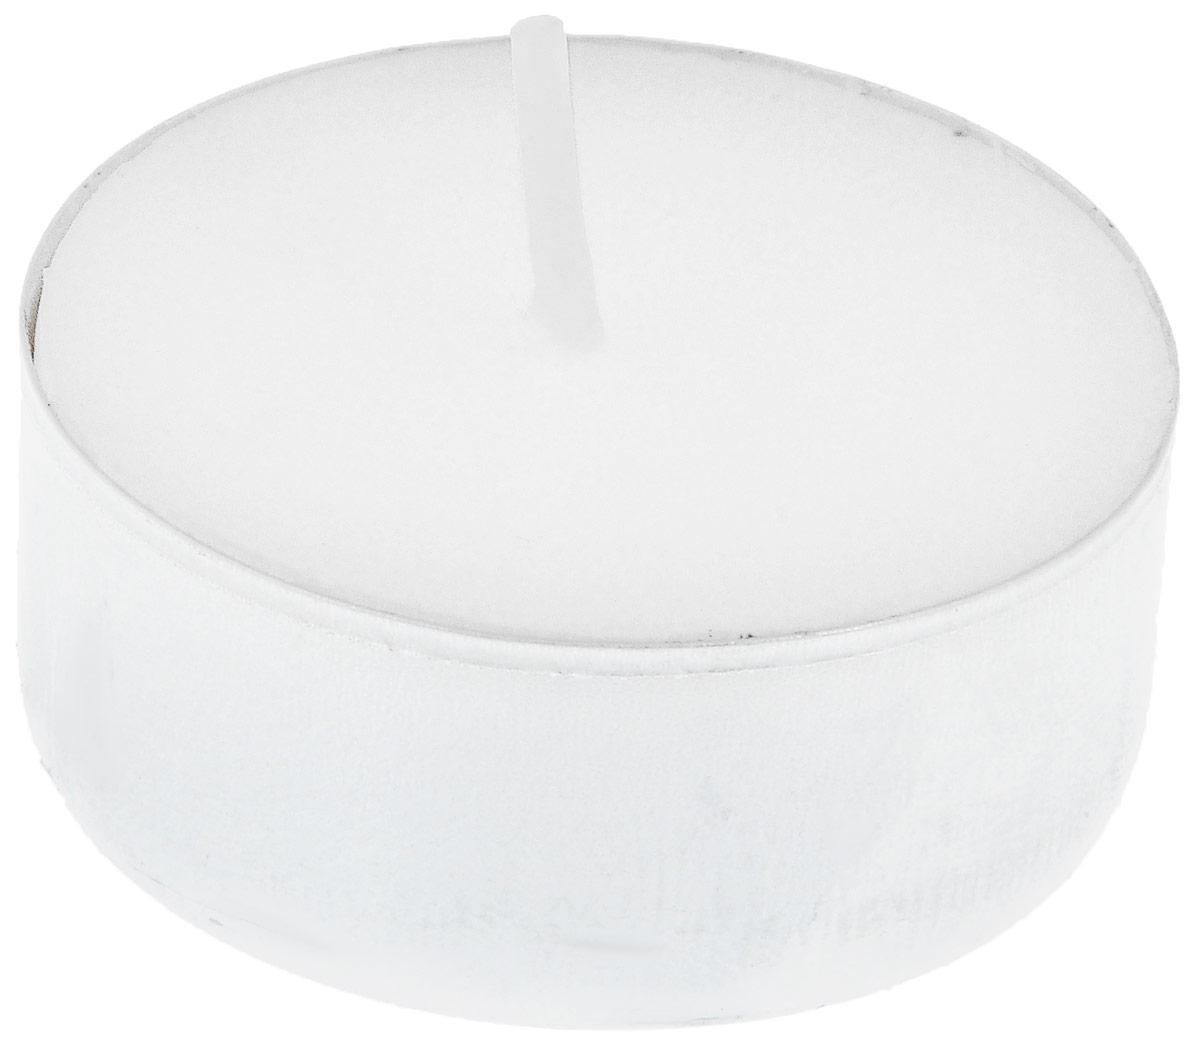 Набор свечей Duni, цвет: белый, диаметр 3,8 см, 30 шт8812Набор Duni состоит из 30 круглых чайных свечей без запаха, изготовленных из смеси парафина и стеарина. Duni - создатели атмосферы вдохновения, сюрпризов и праздников для вас и ваших детей! Используя современные инновации, высококачественные материалы, оригинальный дизайн, свечи делают вашу трапезу незабываемым и волшебным праздником. Такой набор украсит интерьер вашего дома или офиса и наполнит его атмосферу теплом и уютом.Диаметр свечи: 3,8 см. Высота свечи: 1,5 см.